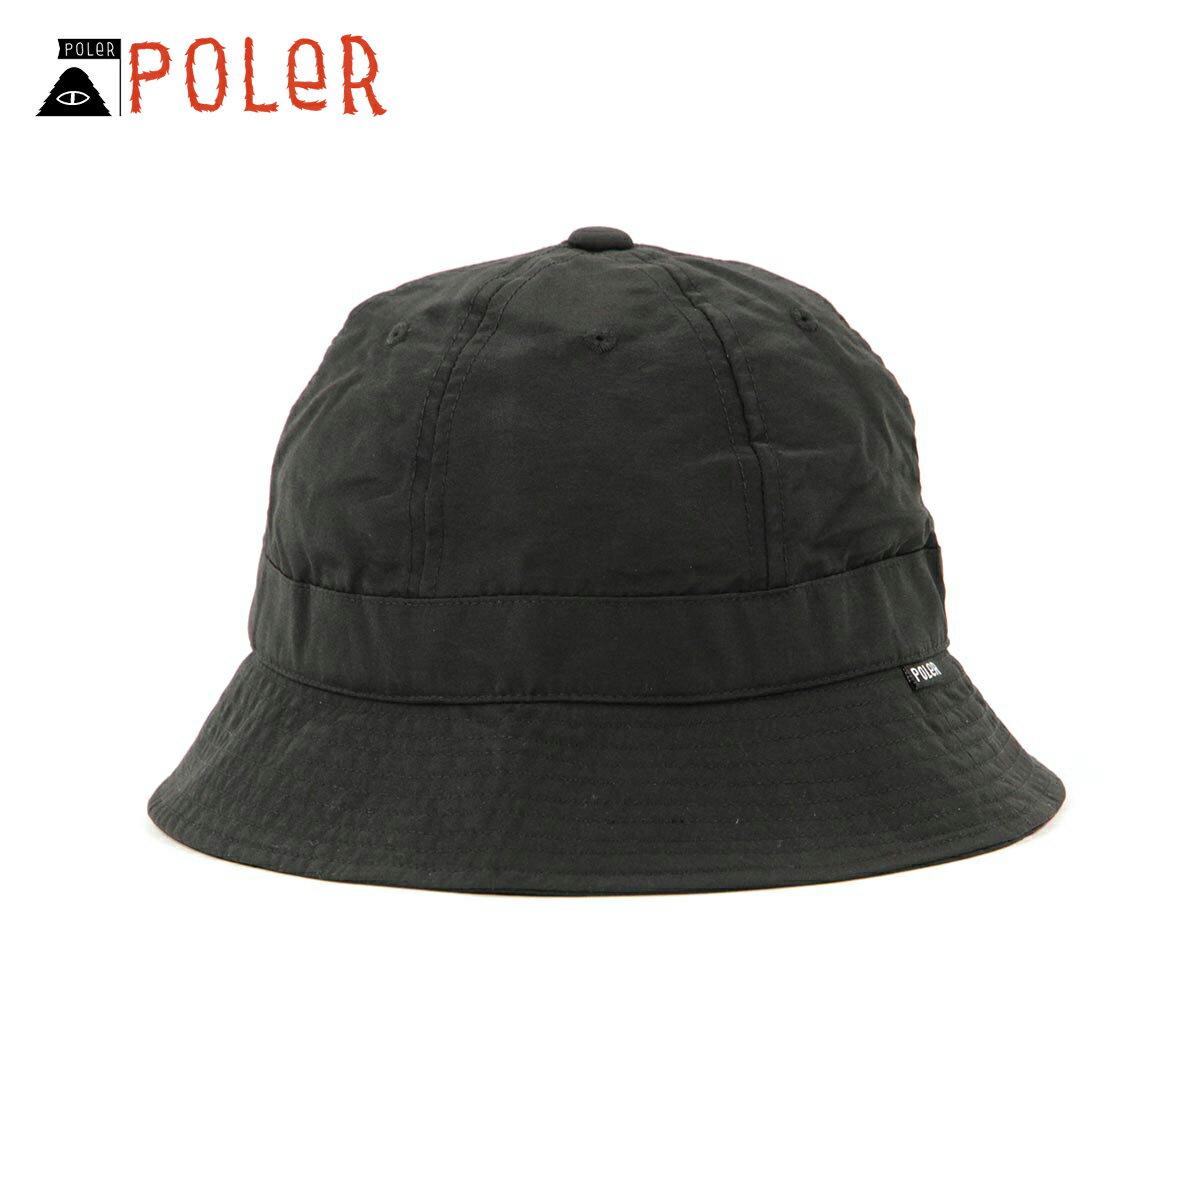 メンズ帽子, ハット  POLER POLER COMFORT BELL HAT 55100152-BLK BLACK